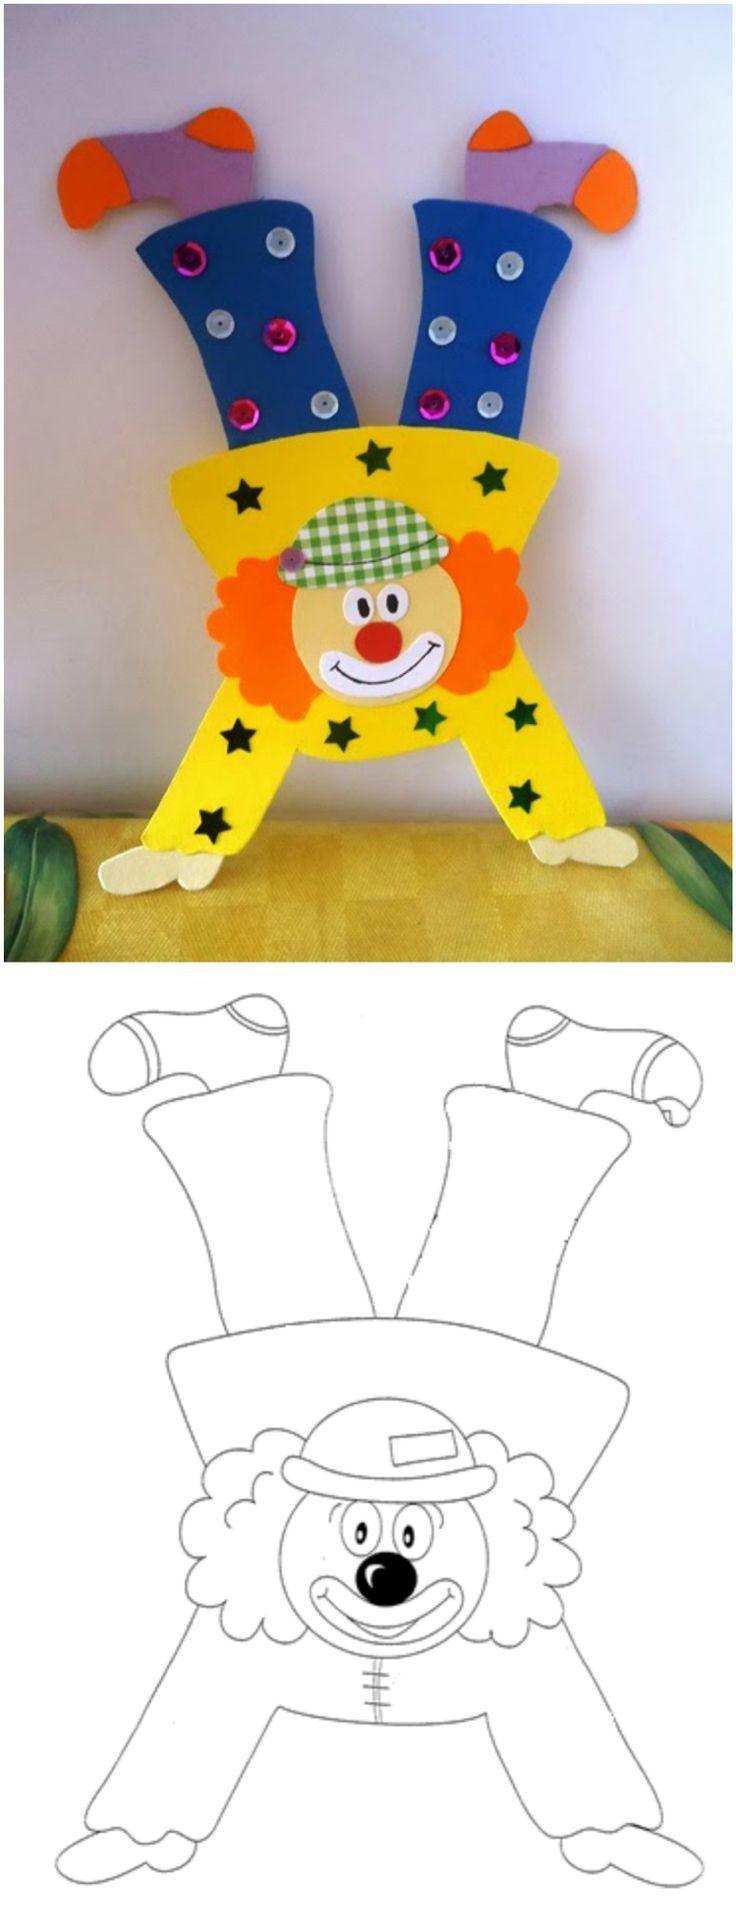 Clown basteln mit Kindern zu Fasching – Vorlagen, Ideen und Anleitungen